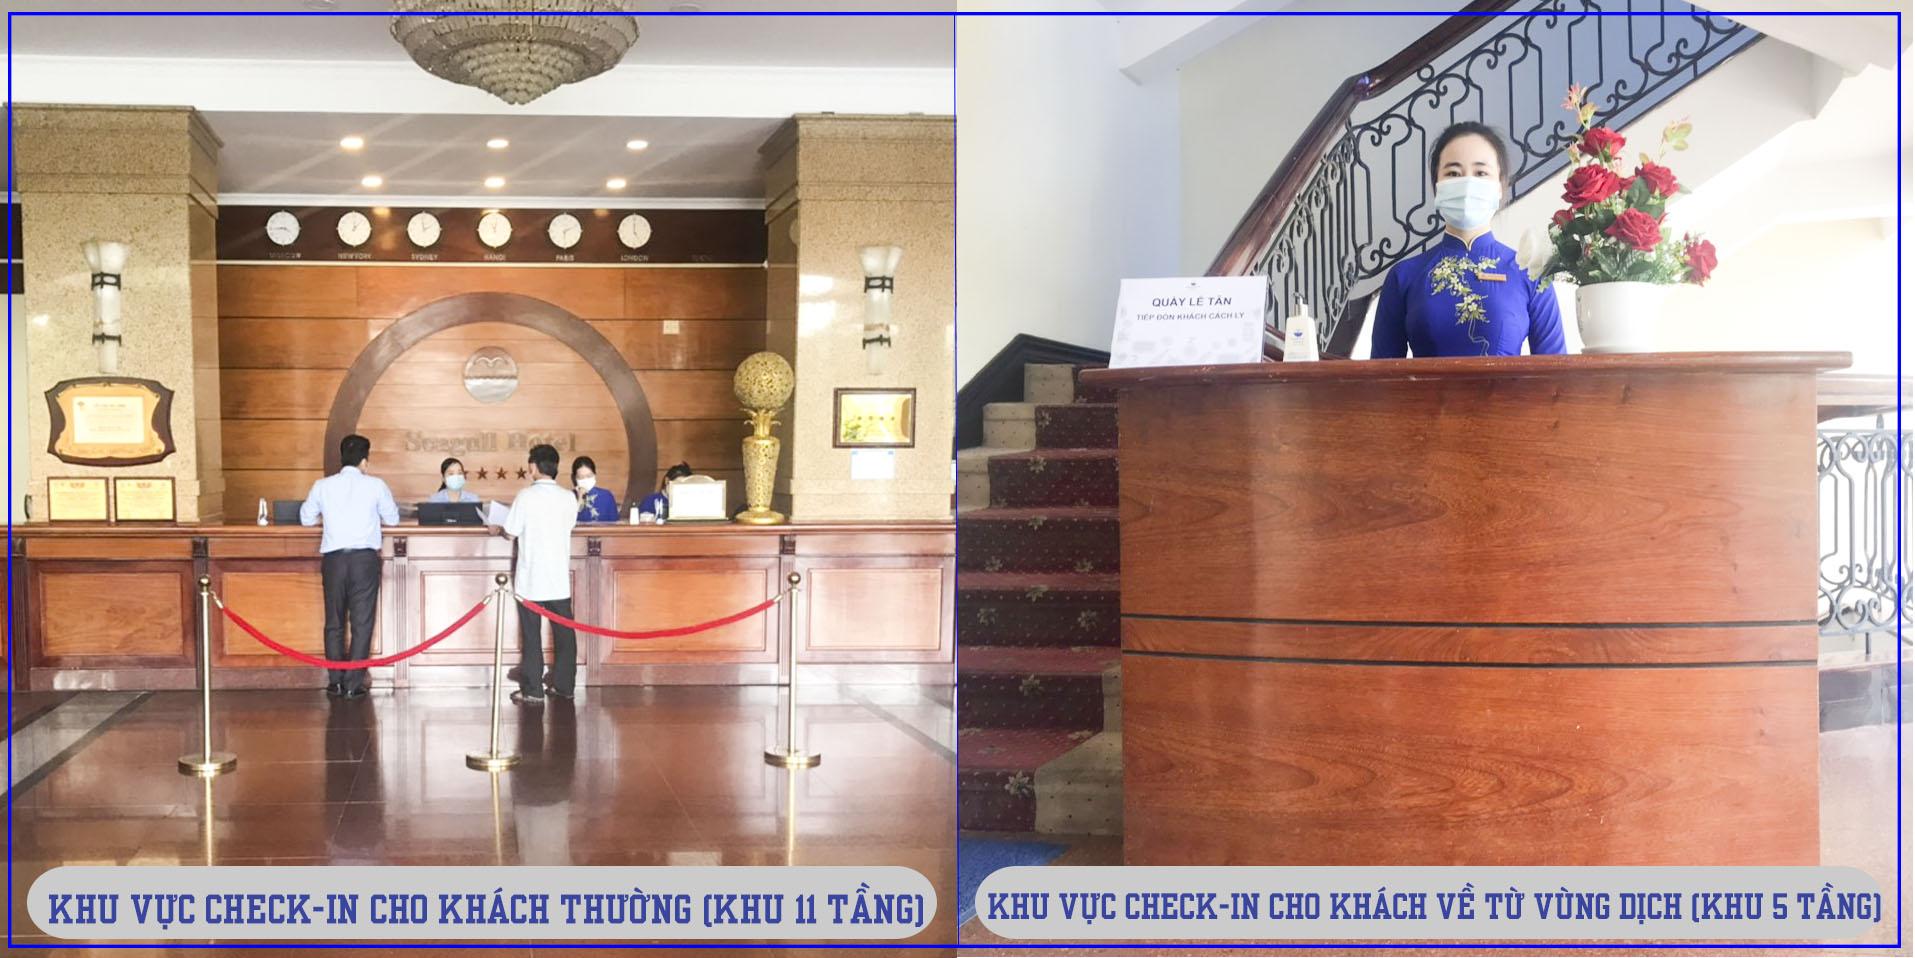 """Khách sạn Hải Âu tiếp tục đồng hành cùng với TP Quy Nhơn tiếp nhận khách lưu trú về từ vùng dịch và hỗ trợ phục vụ các doanh nghiệp thực hiện """"một cung đường hai điểm đến"""" trên địa bàn tỉnh Bình Định"""